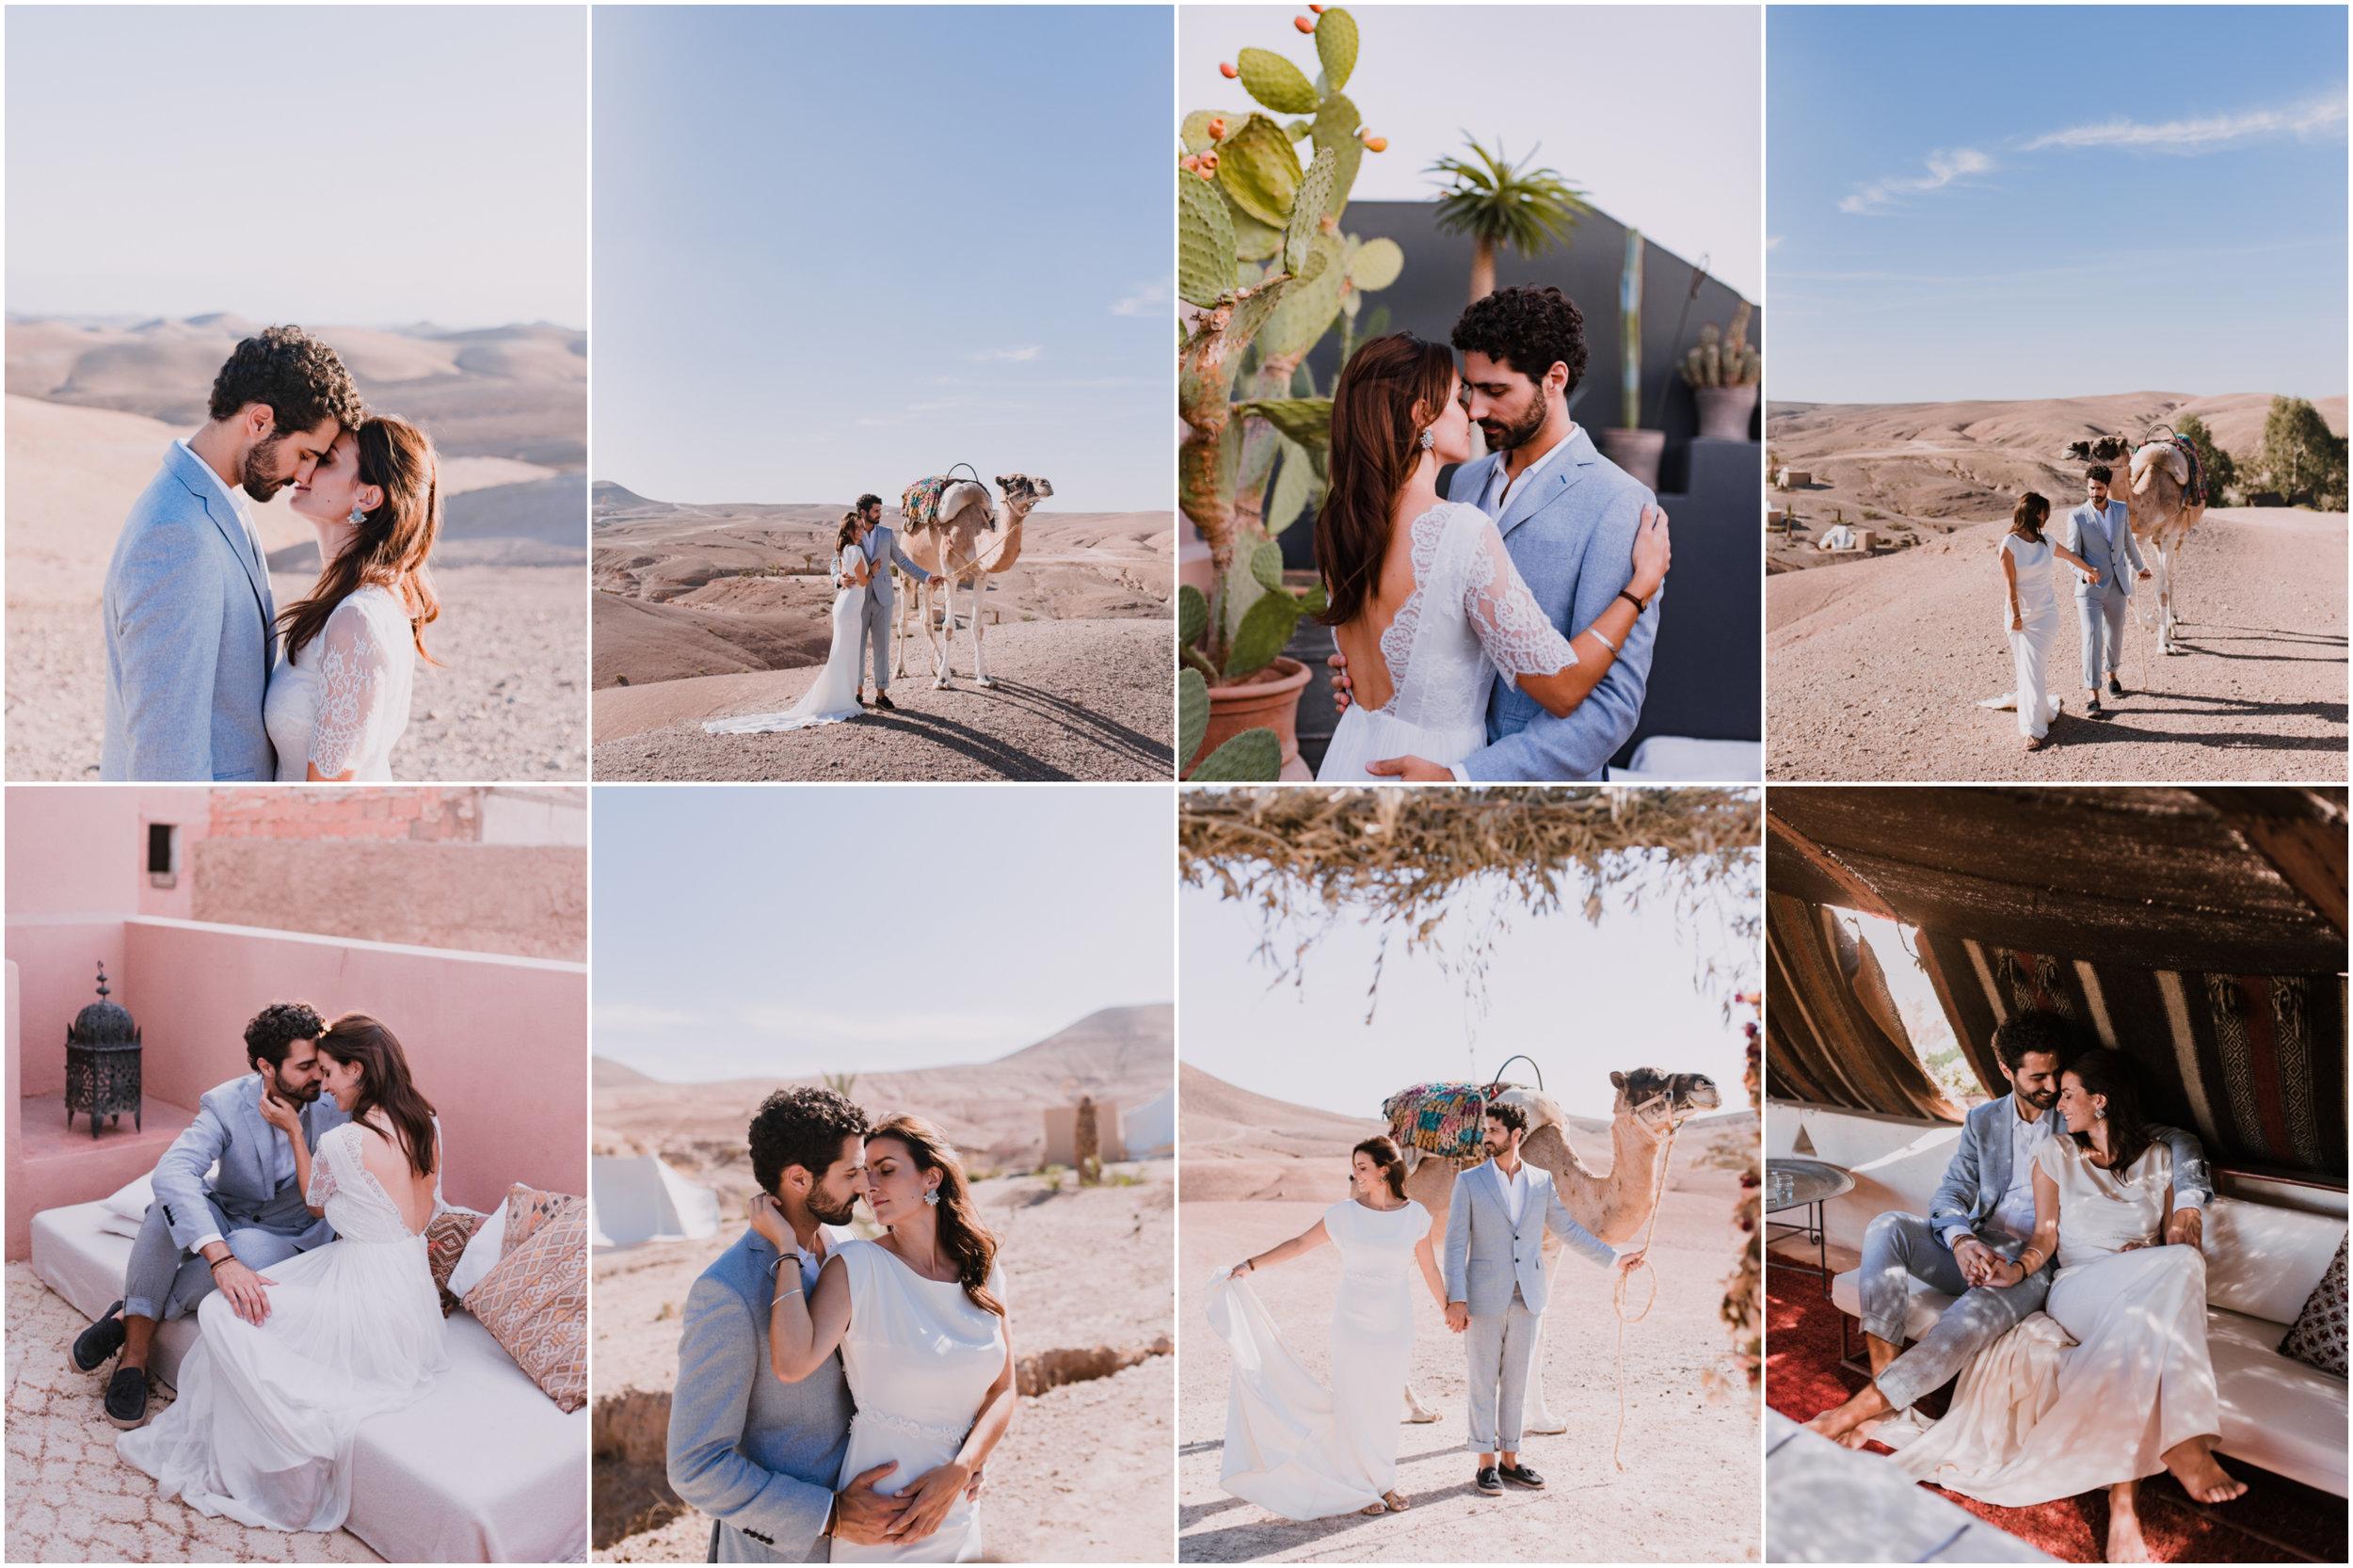 morocco elopement.jpg